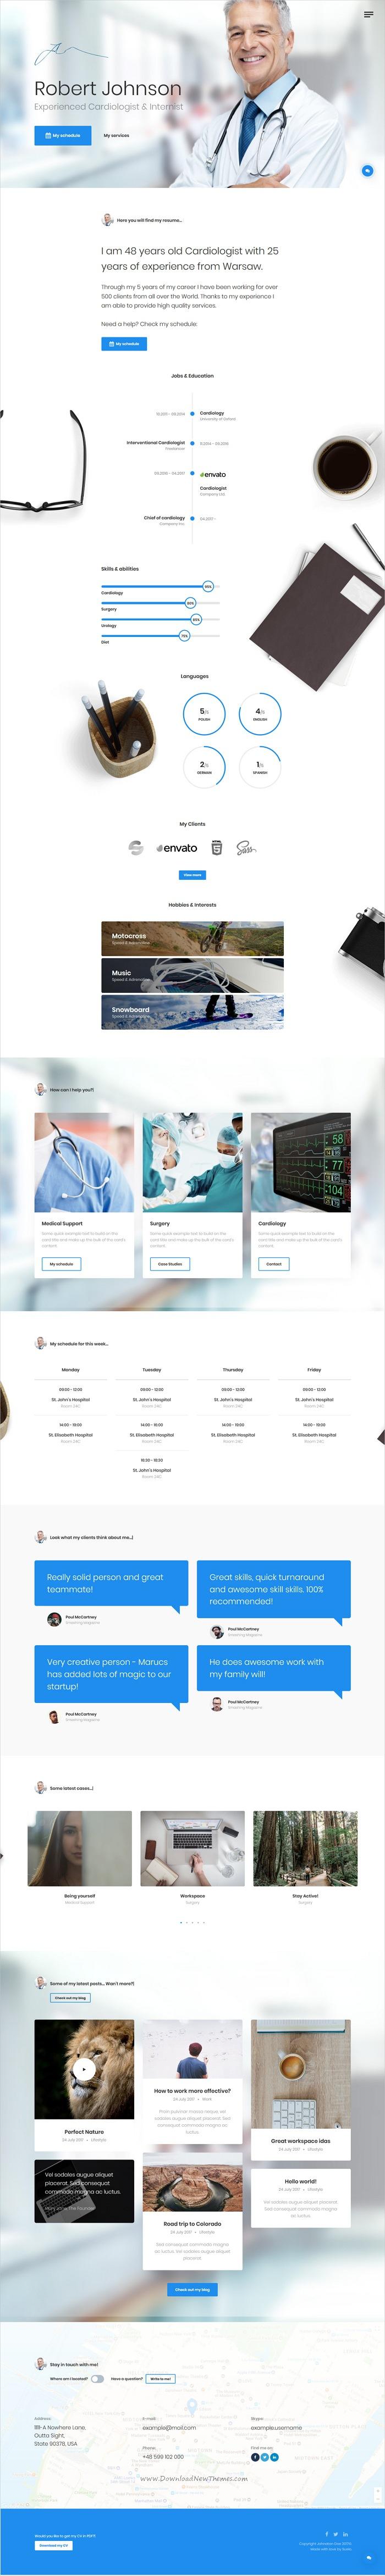 Nett One Page Vcard Lebenslauf Portfolio Website Vorlage Fotos ...